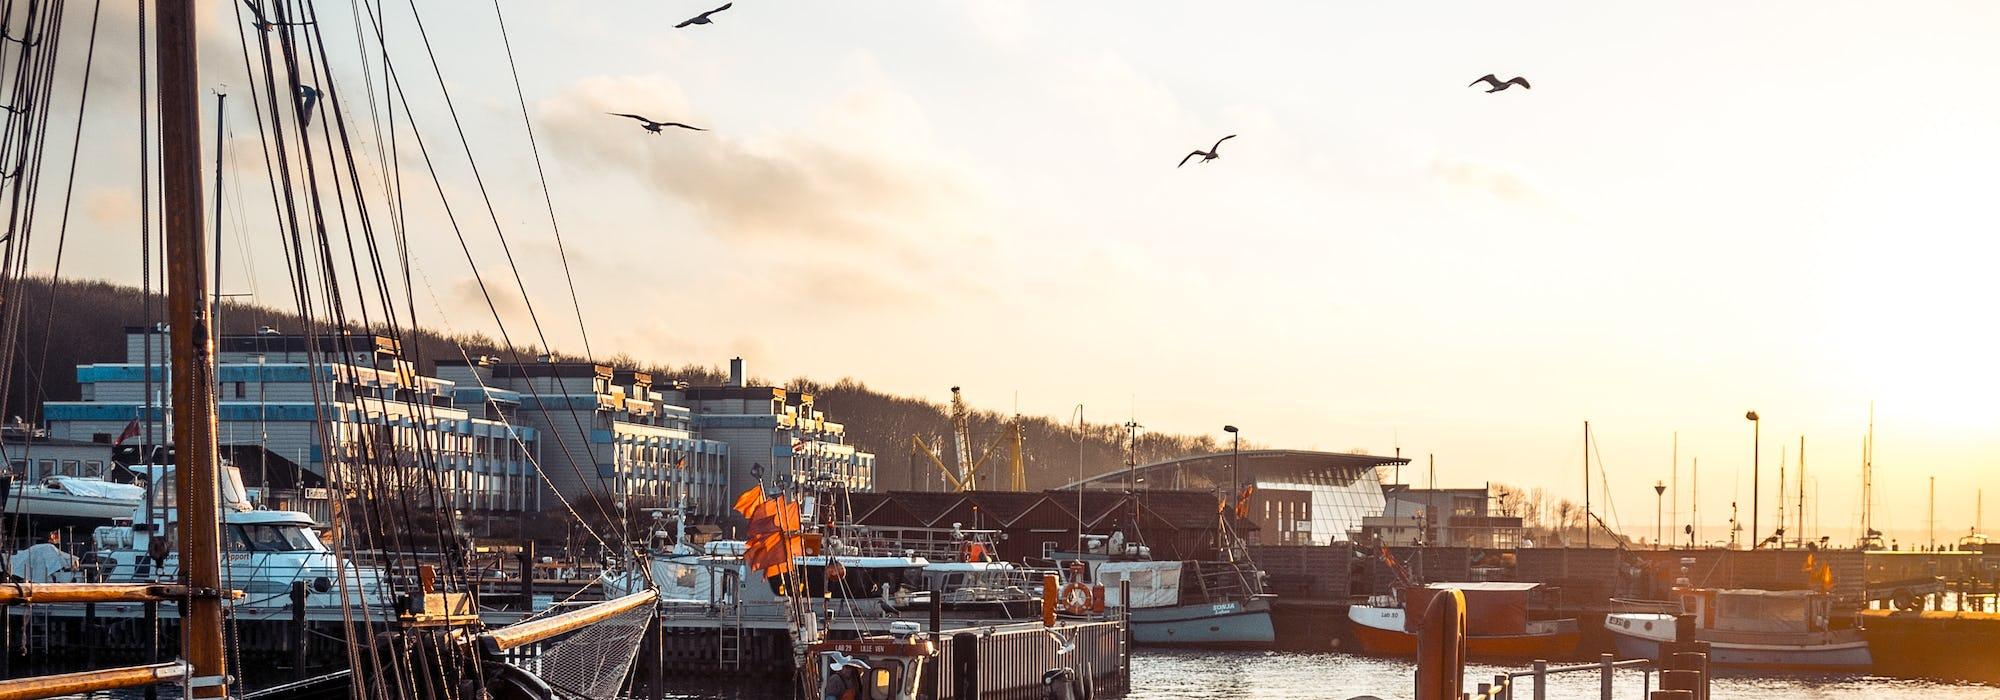 Kiels småbåtshamn med båtar och fåglar på himlen.